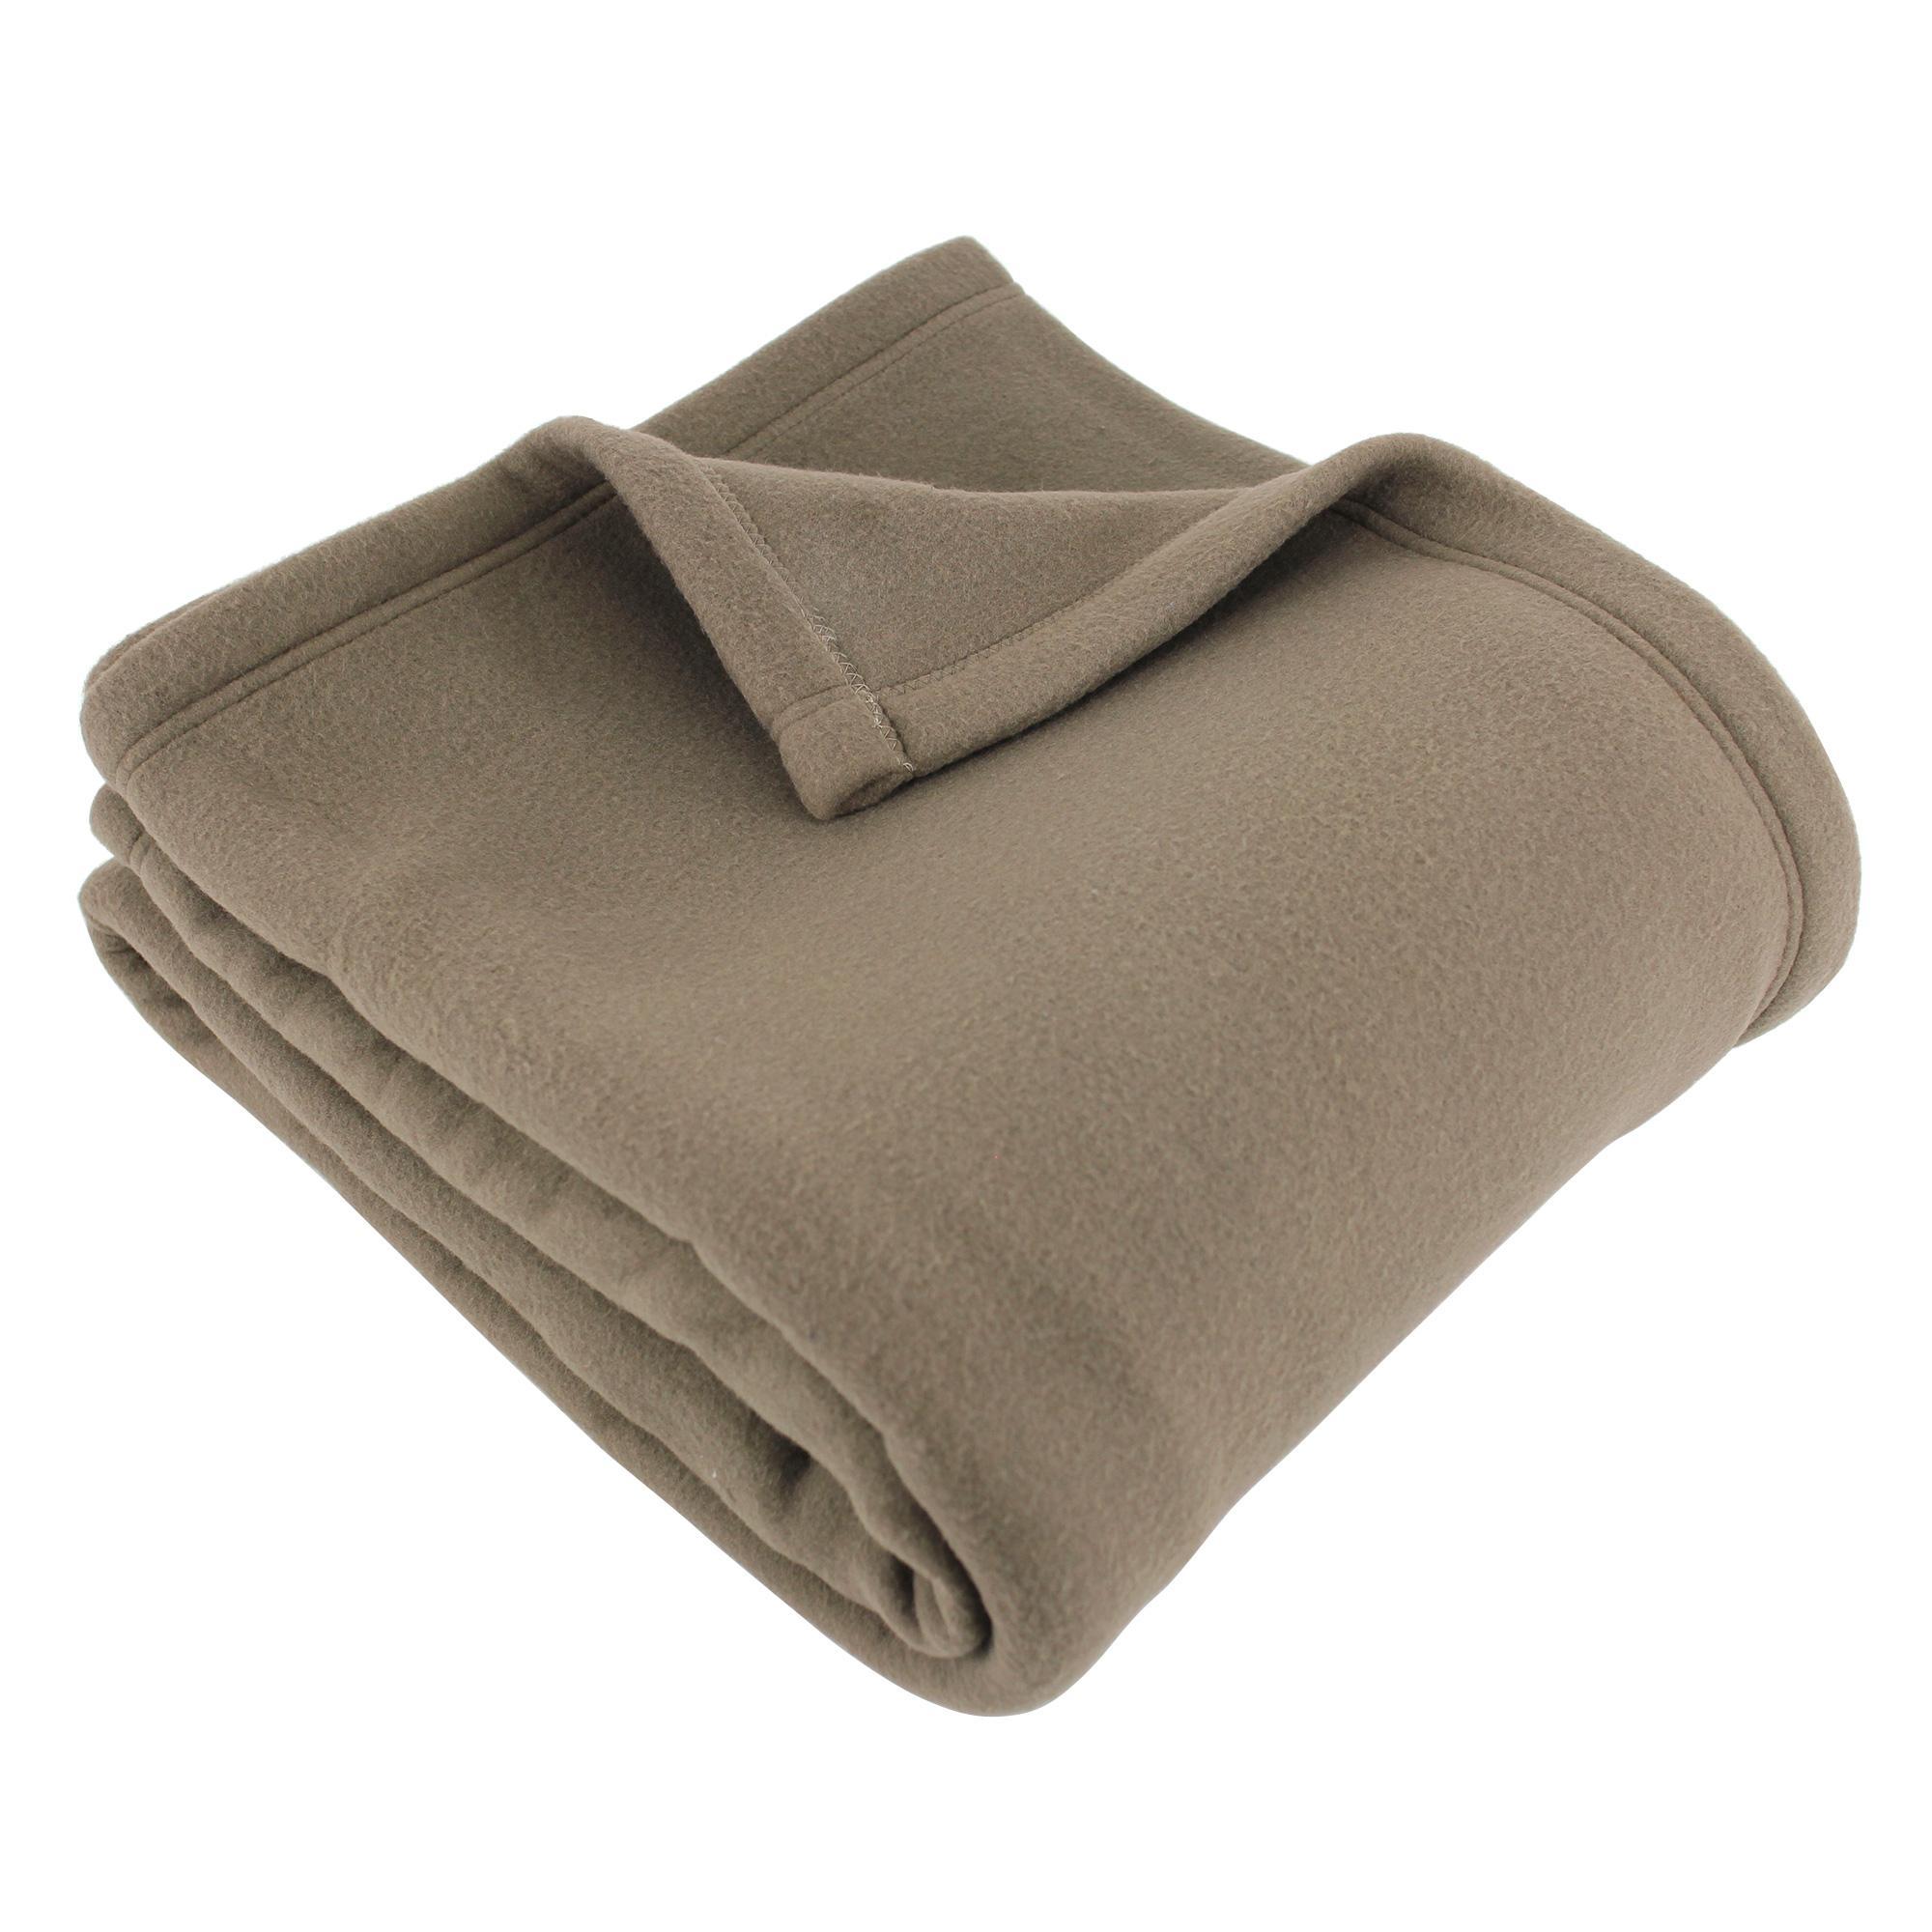 couverture polaire polyester 240x260 cm teddy taupe linnea vente de linge de maison. Black Bedroom Furniture Sets. Home Design Ideas